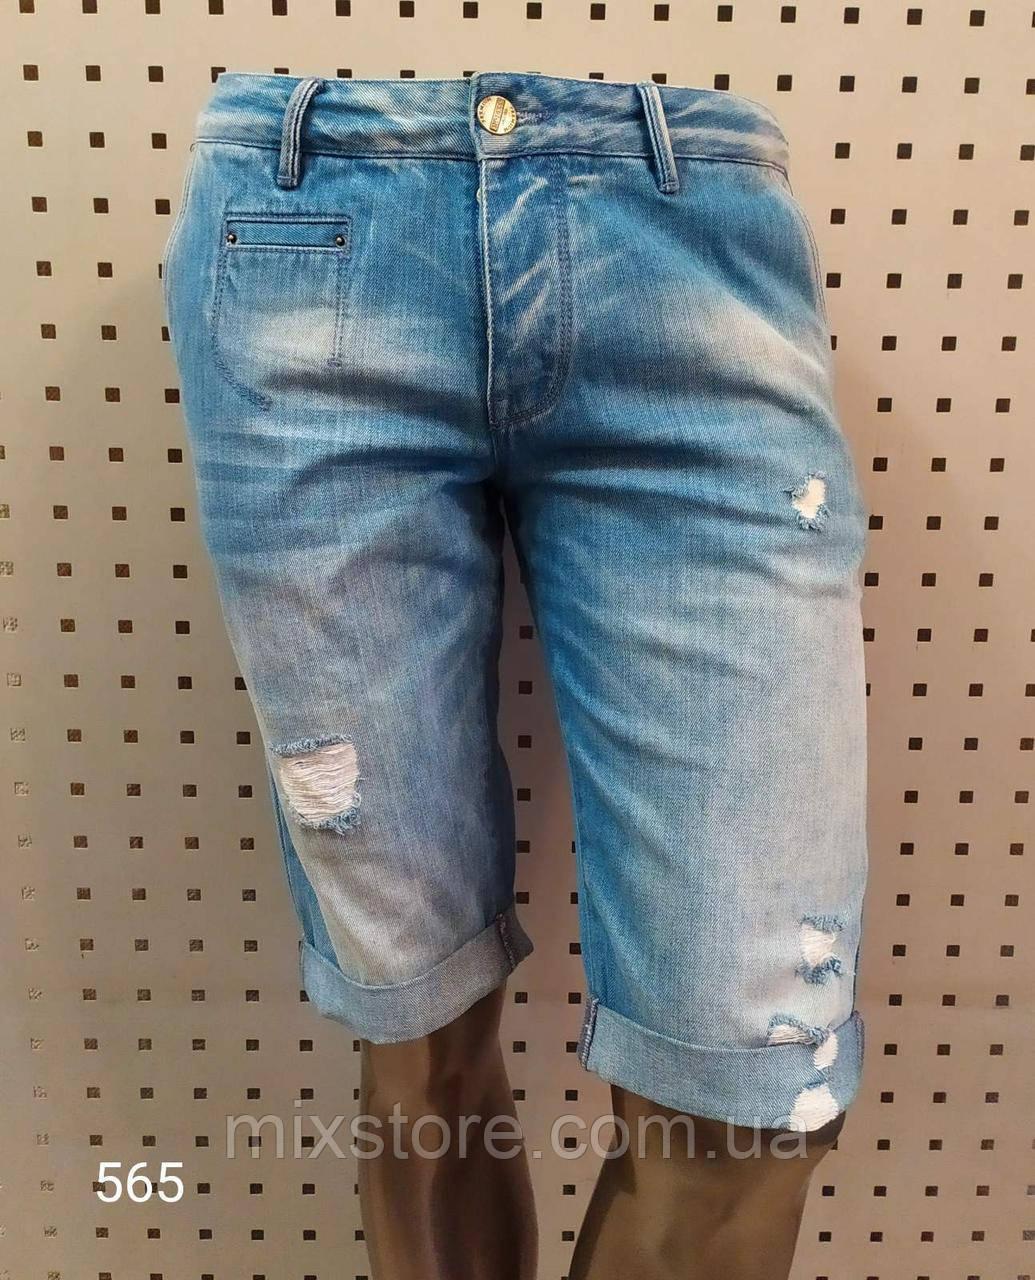 Чоловічі джинсові шорти NOEXSS,Туреччина